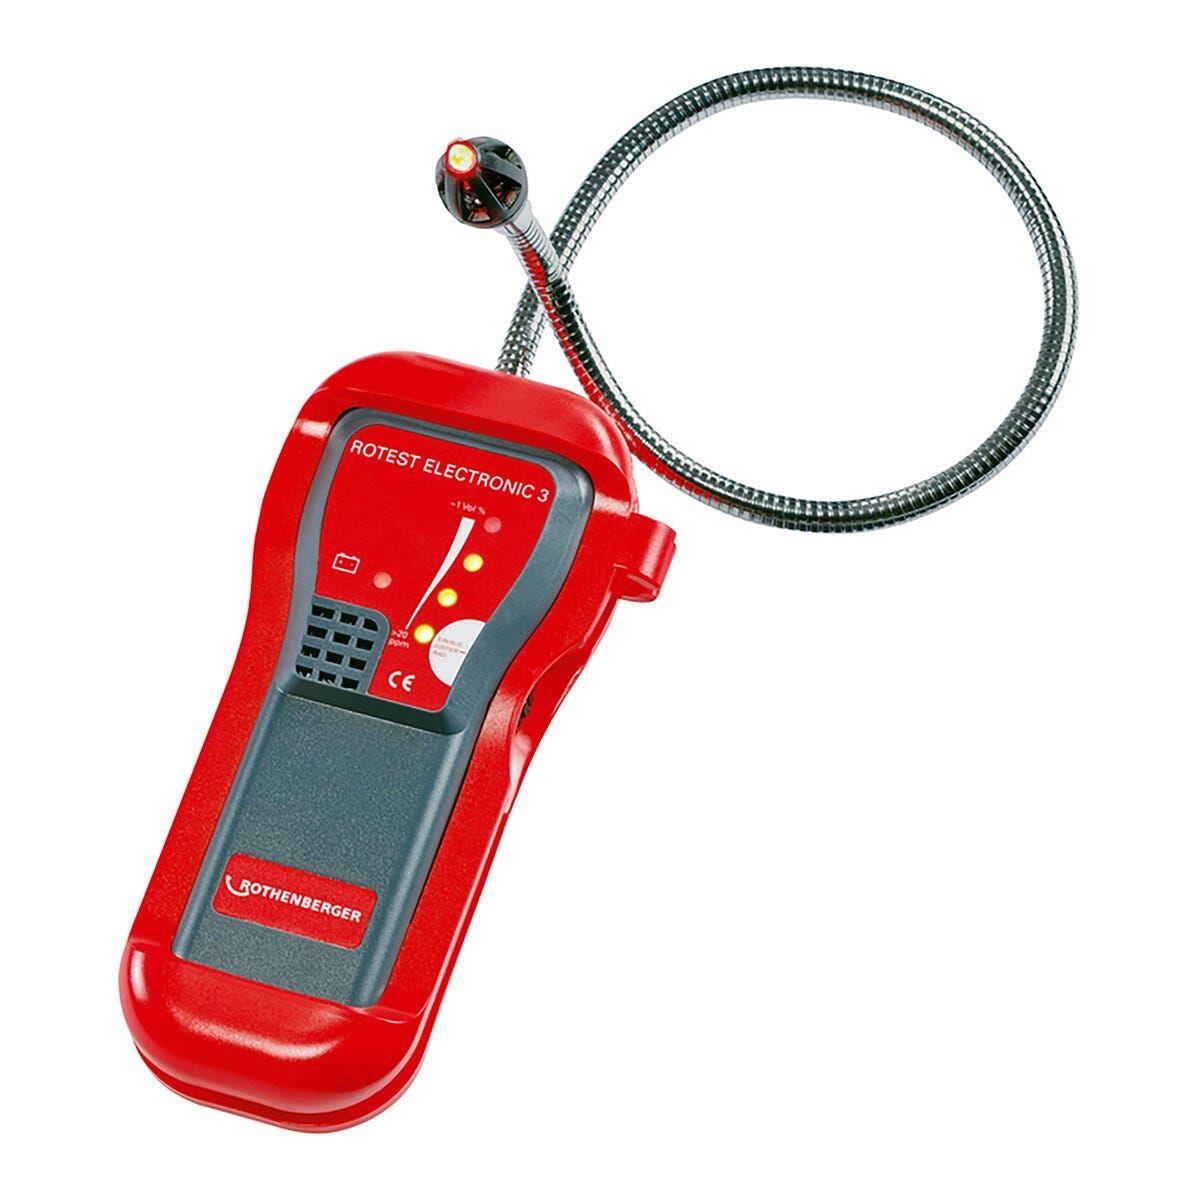 rothenberger rilevatore perdite gas  rotest 3